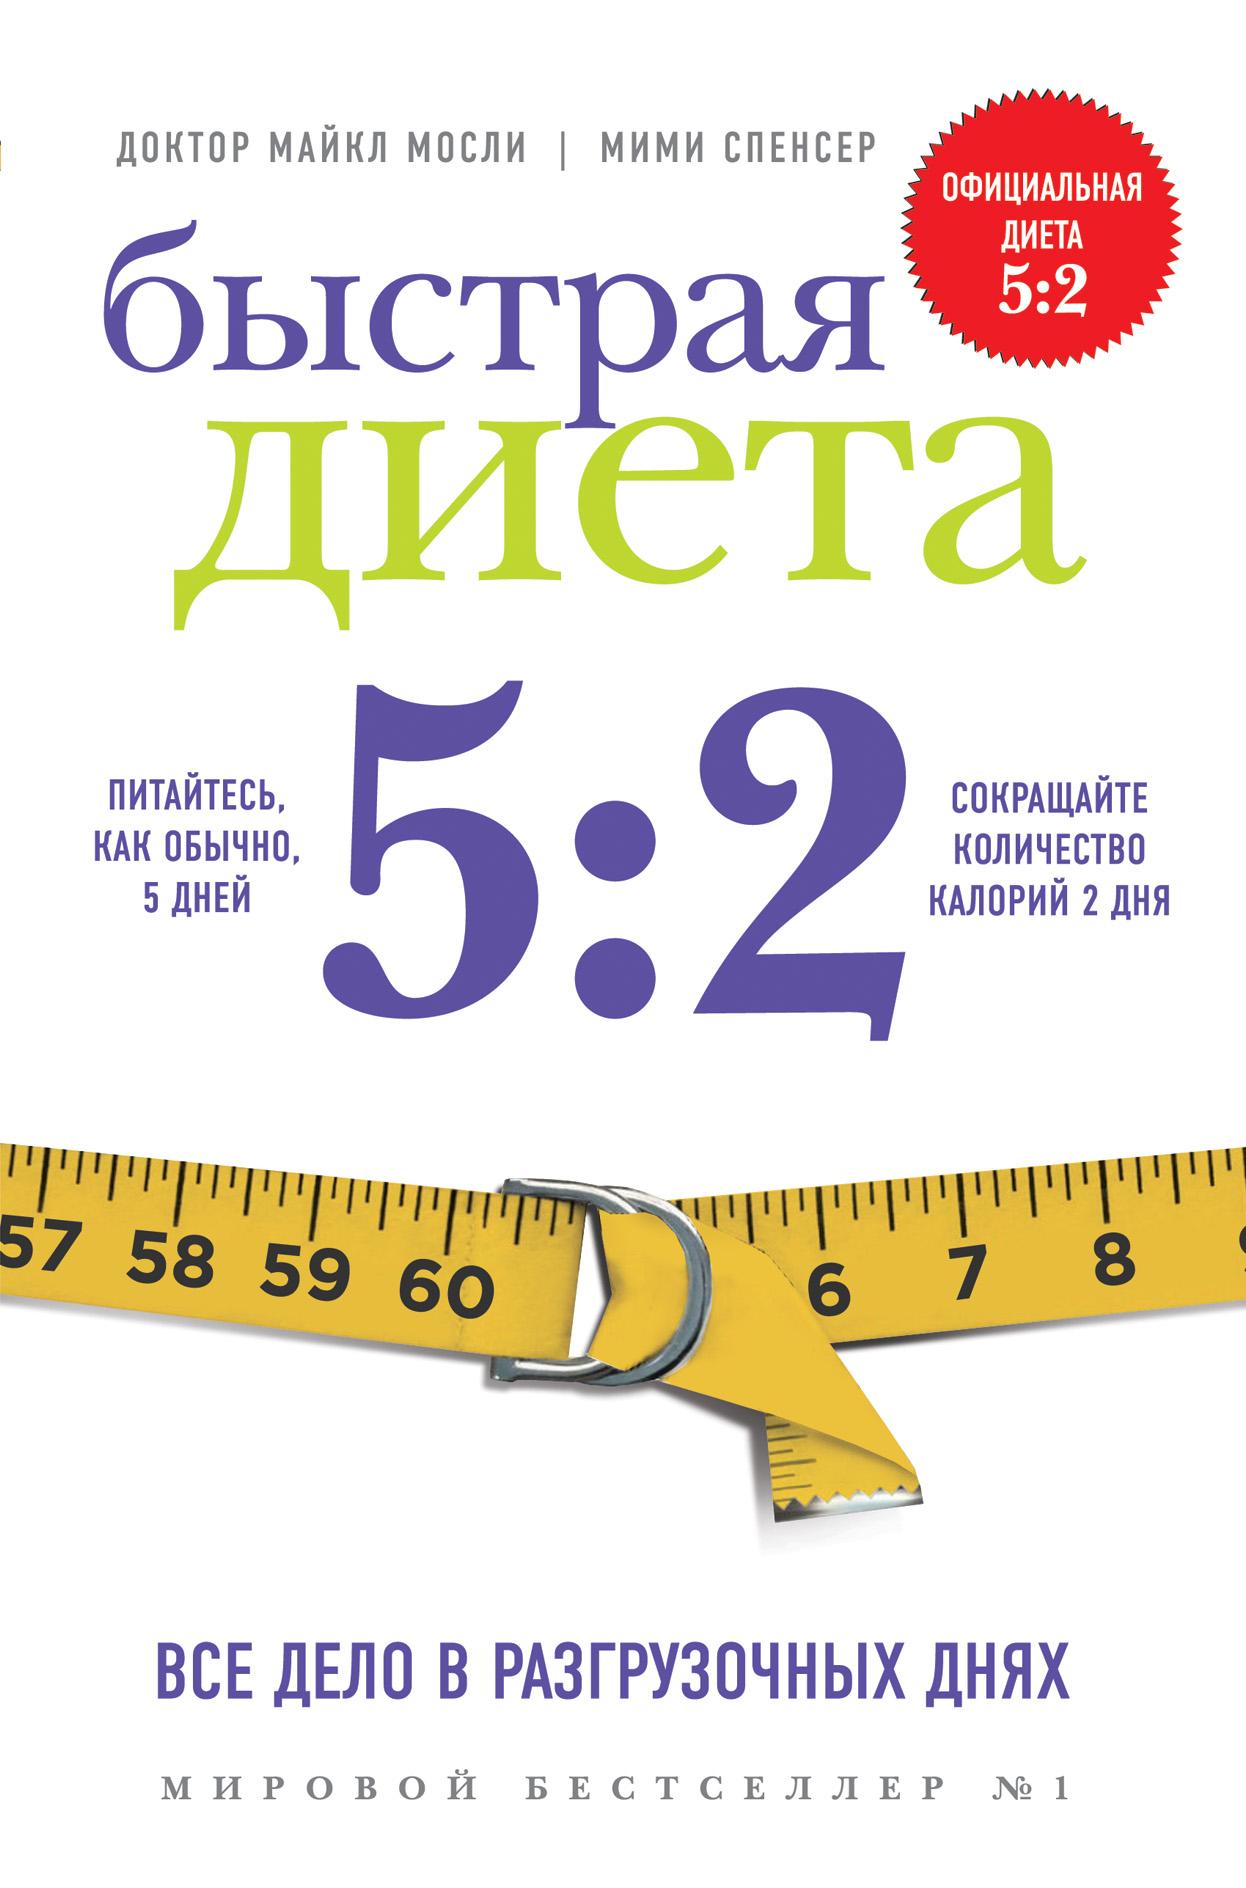 Мосли М., Спенсер М. Быстрая диета 5:2 мими спенсер быстрая диета 5 2 рецепты к методике